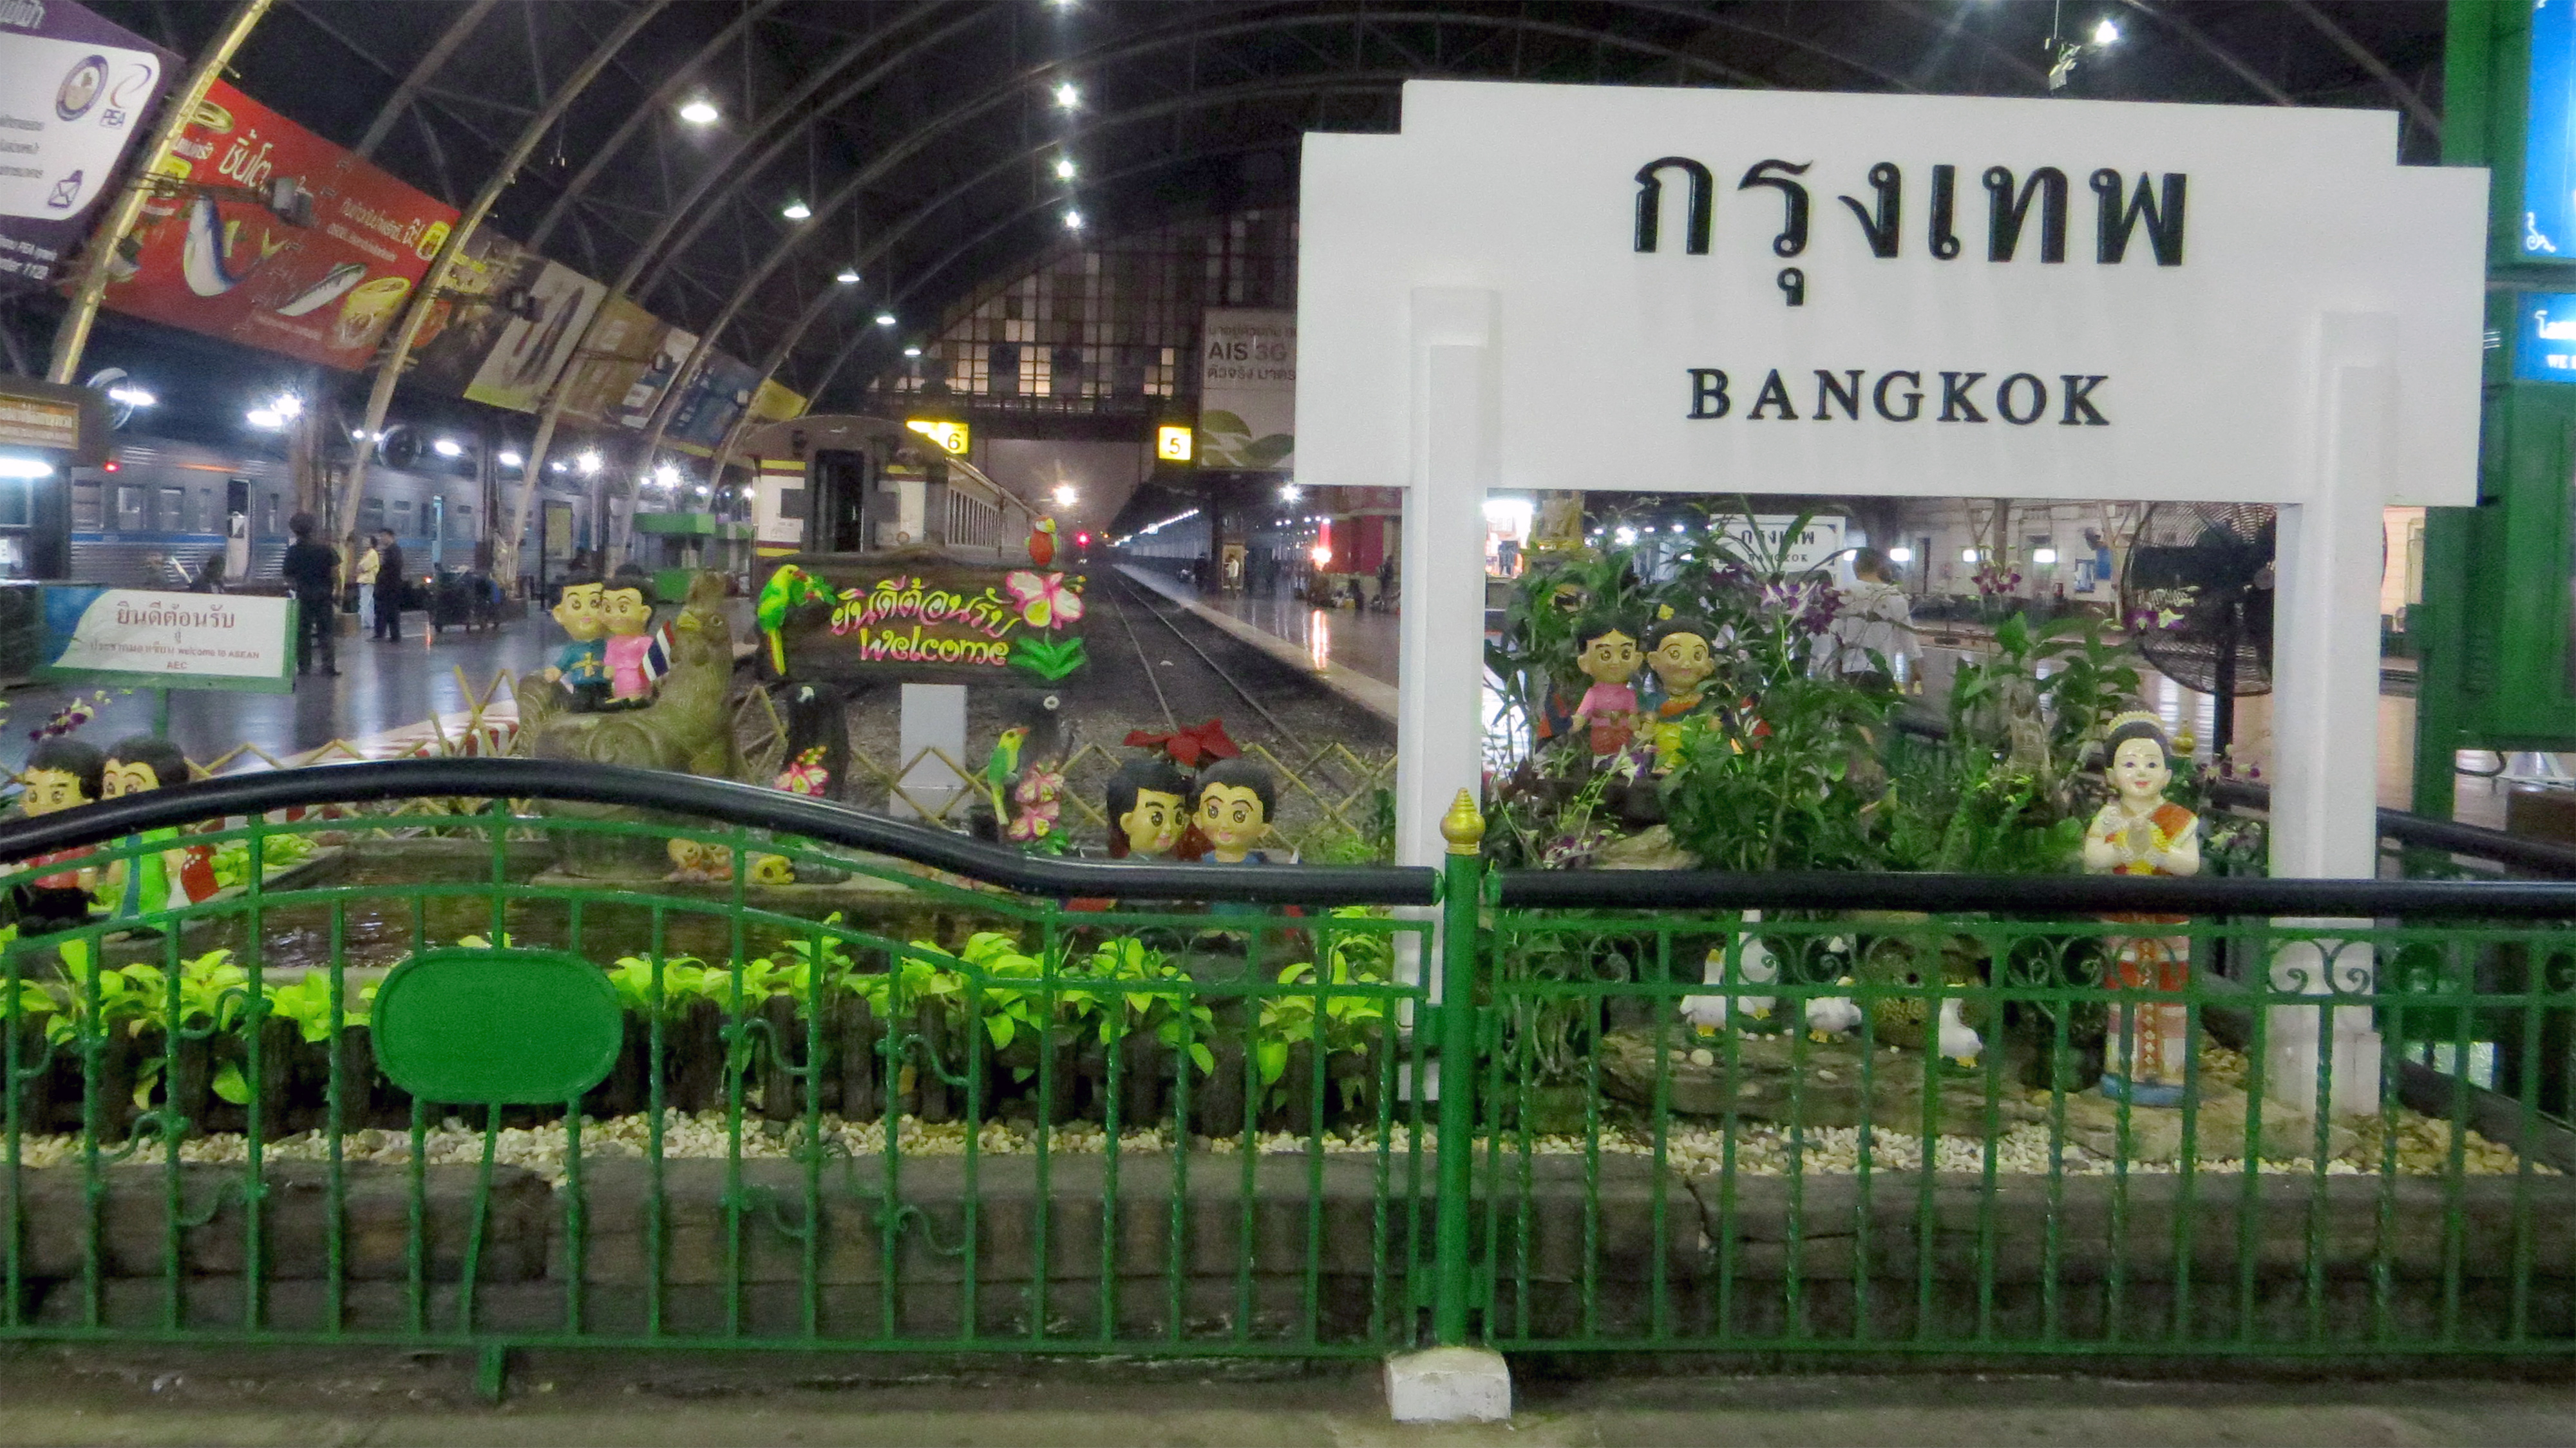 Hua Lamphong Train Station, Bangkok, Thailand, Dec 2013